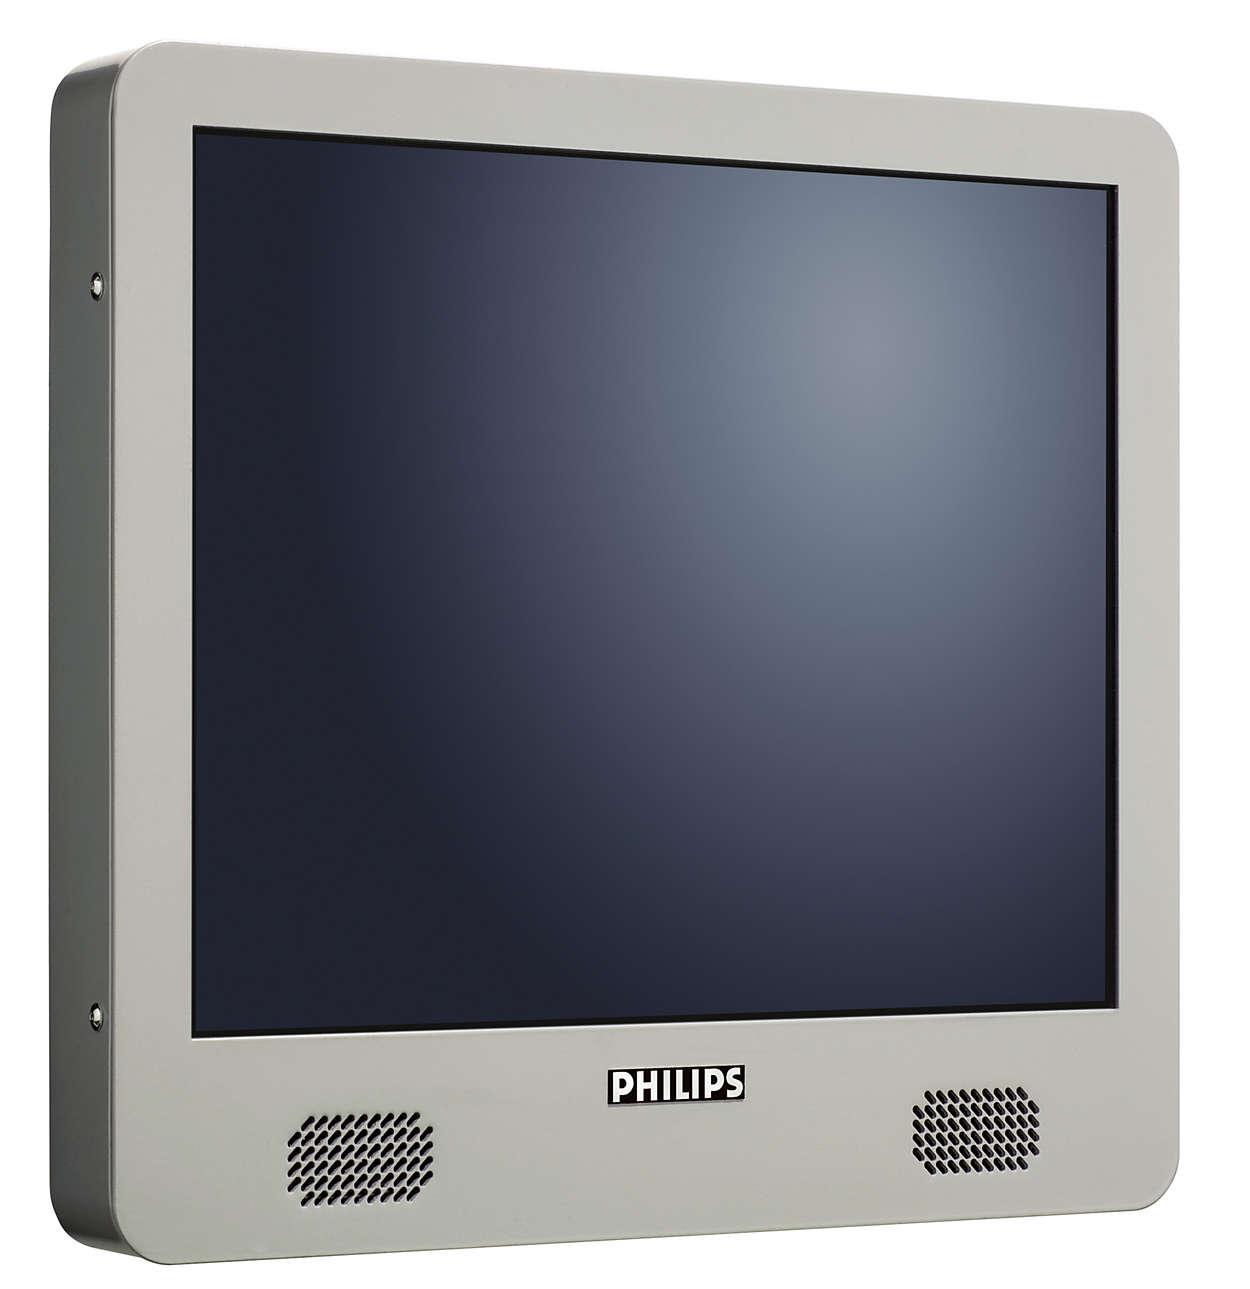 De ultieme kioskmonitor met touchscreen